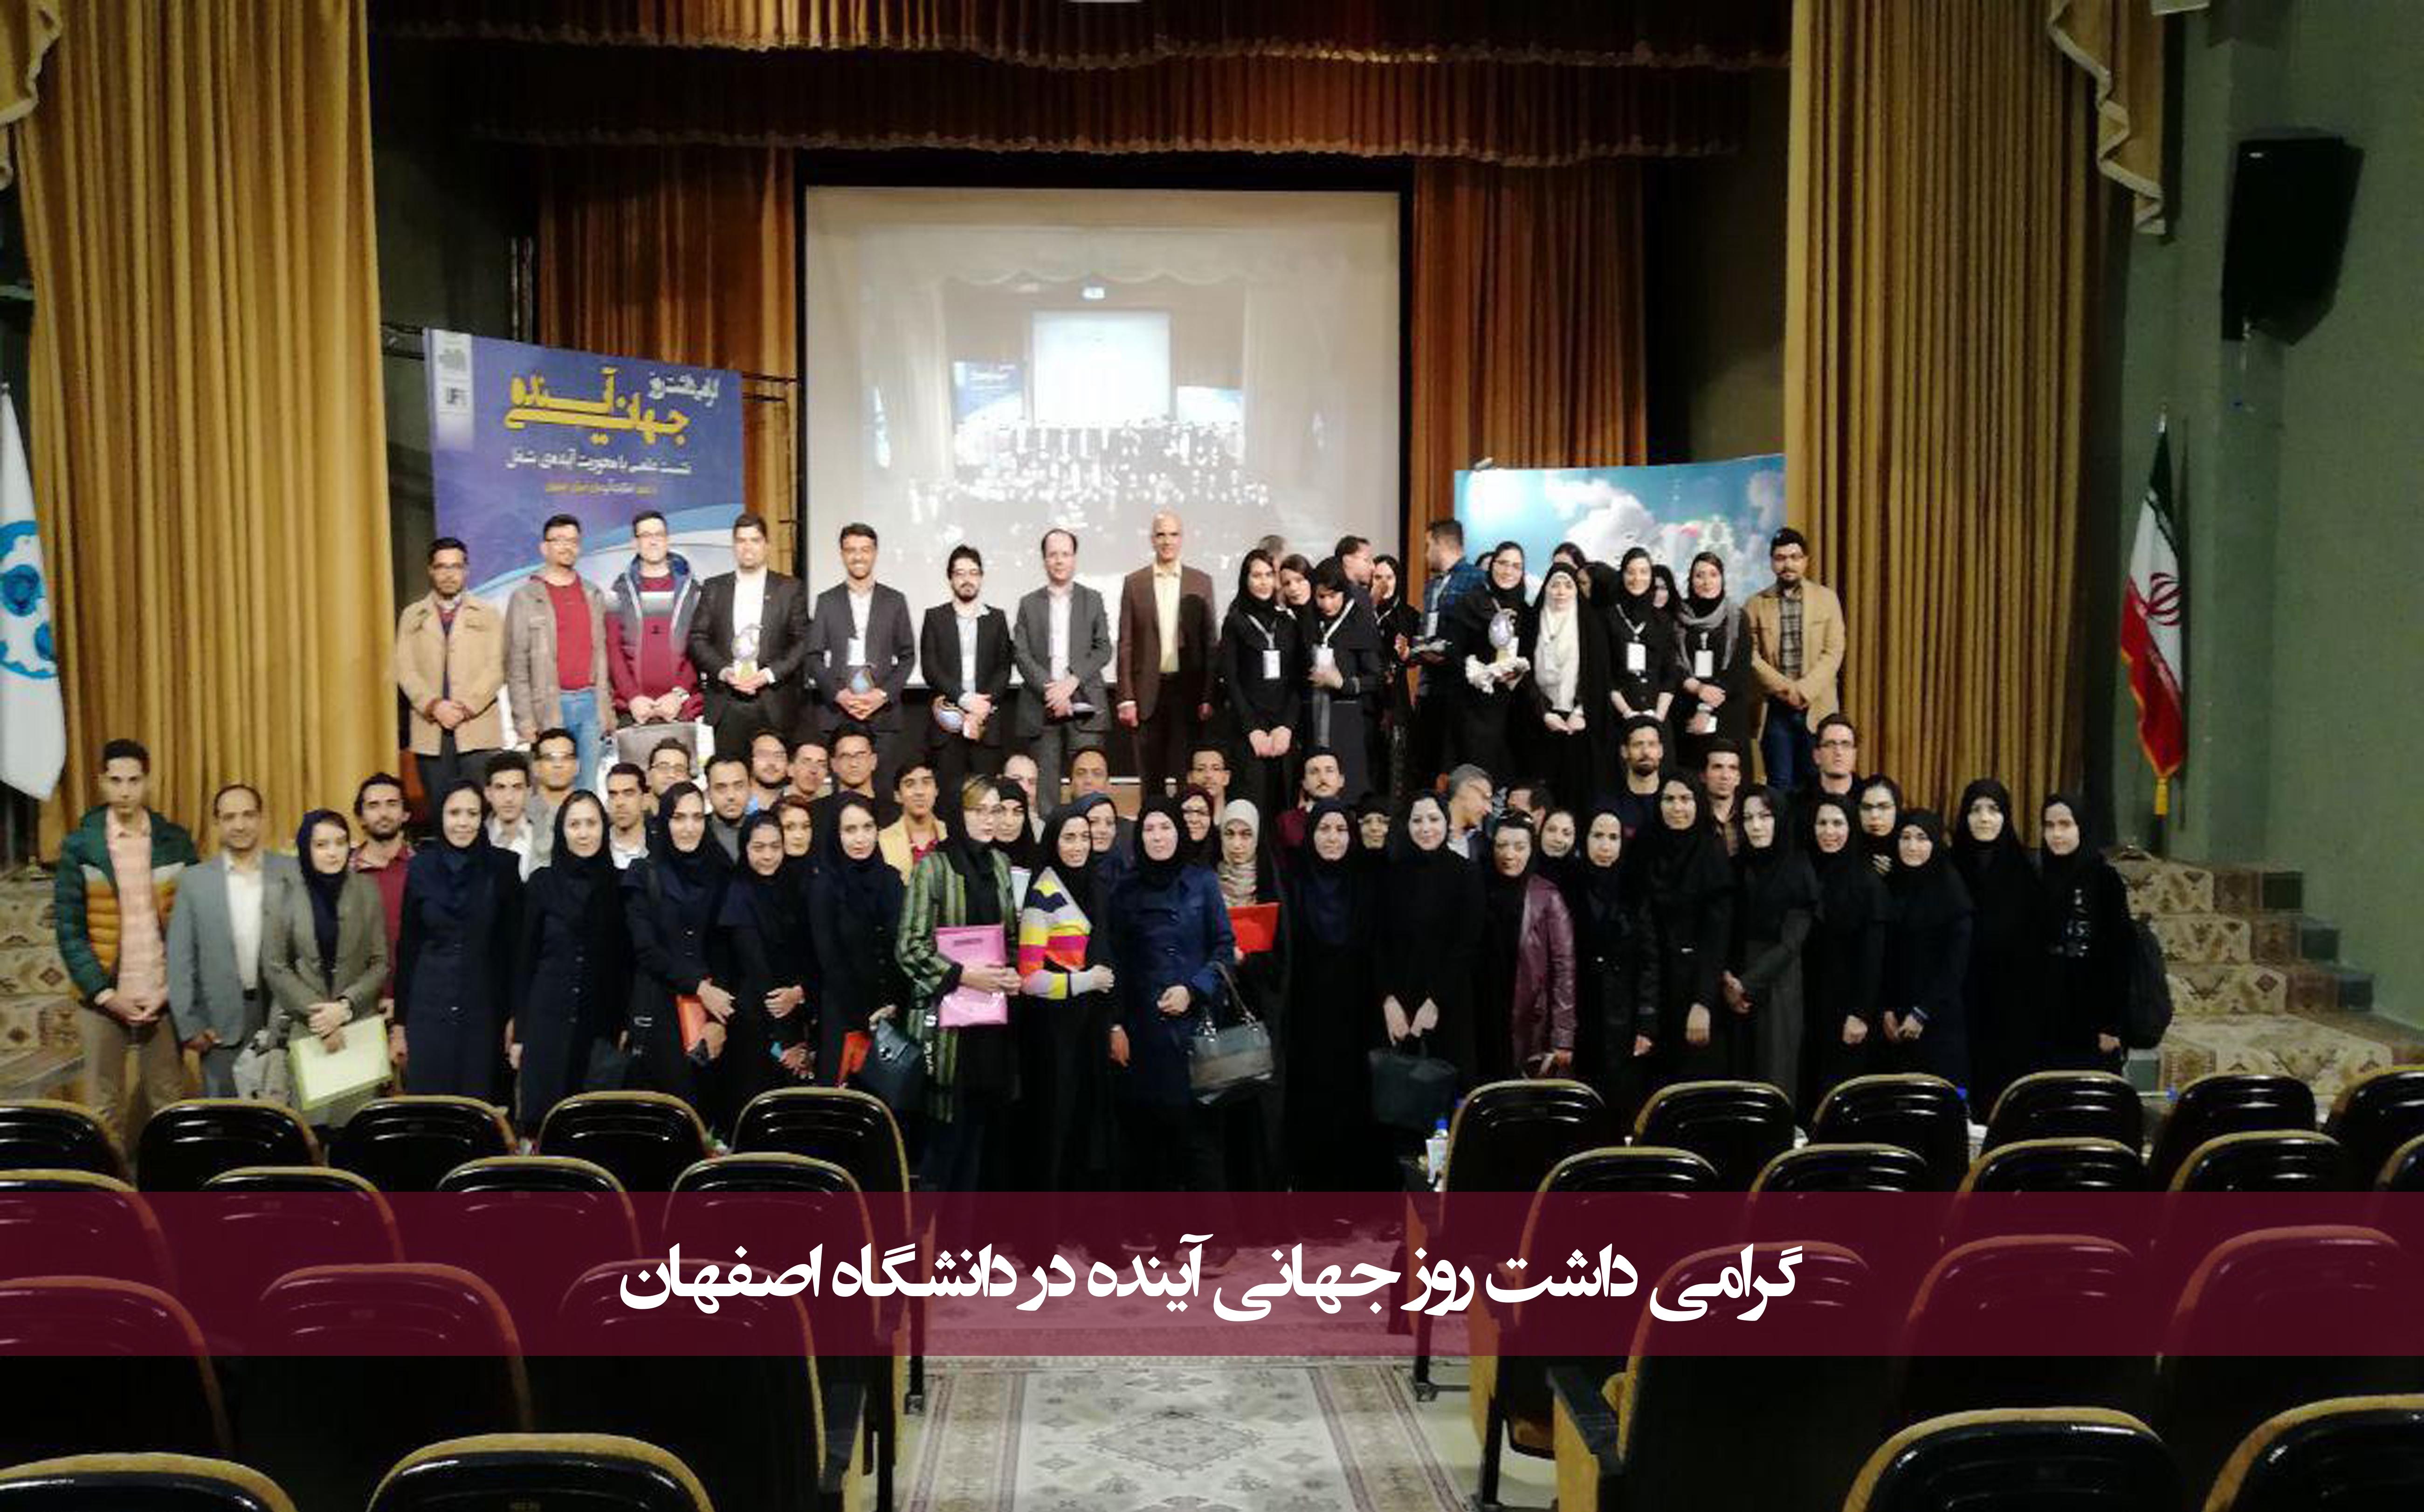 گرامیداشت روز جهانی آینده در دانشگاه اصفهان